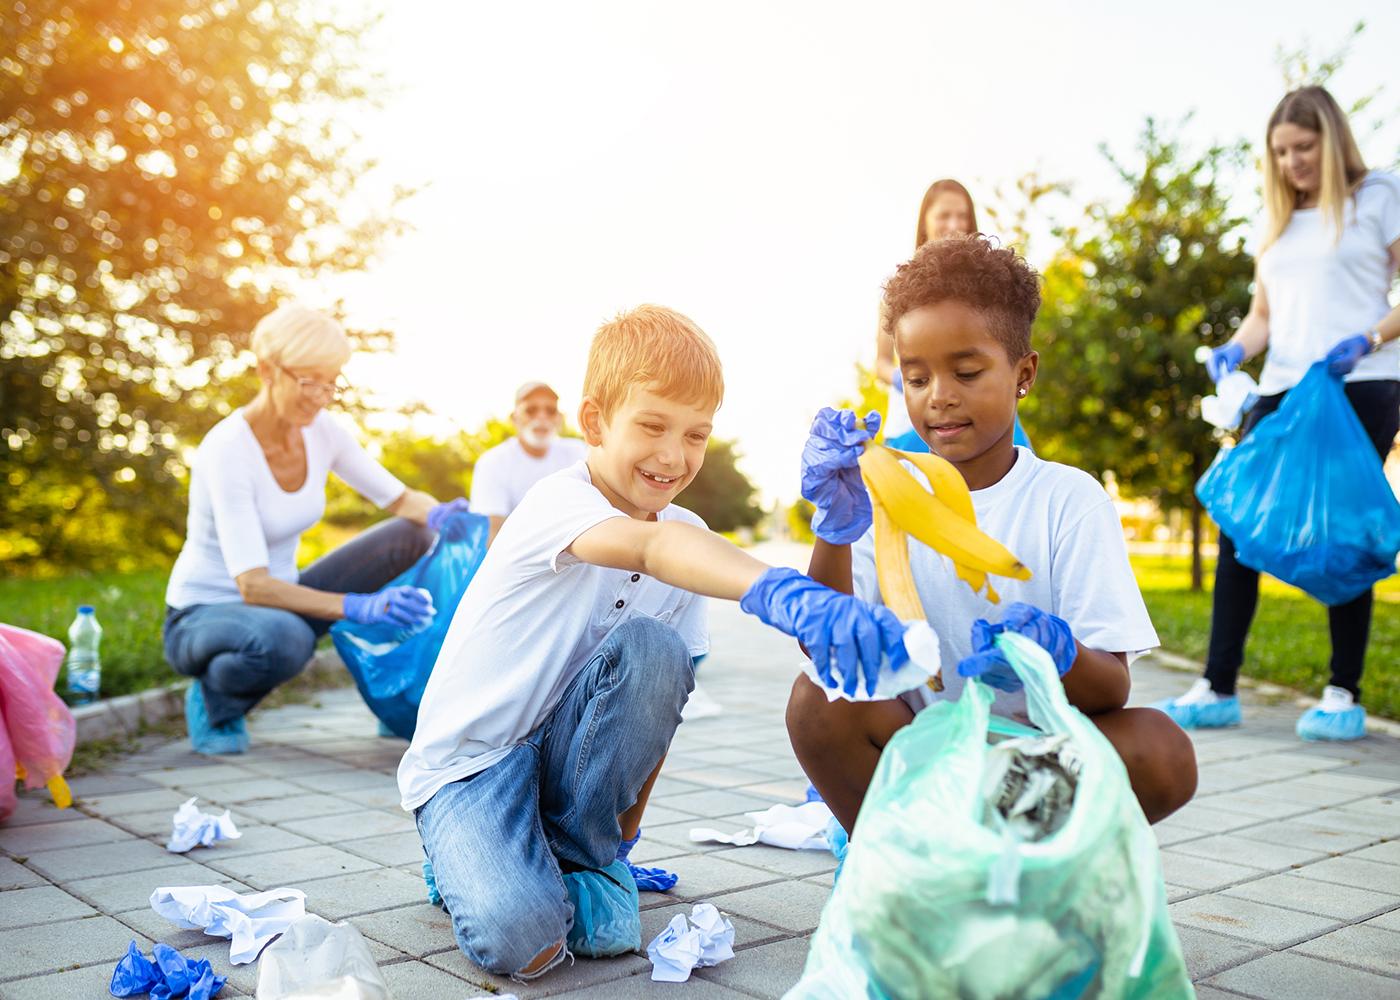 crianças ecologia